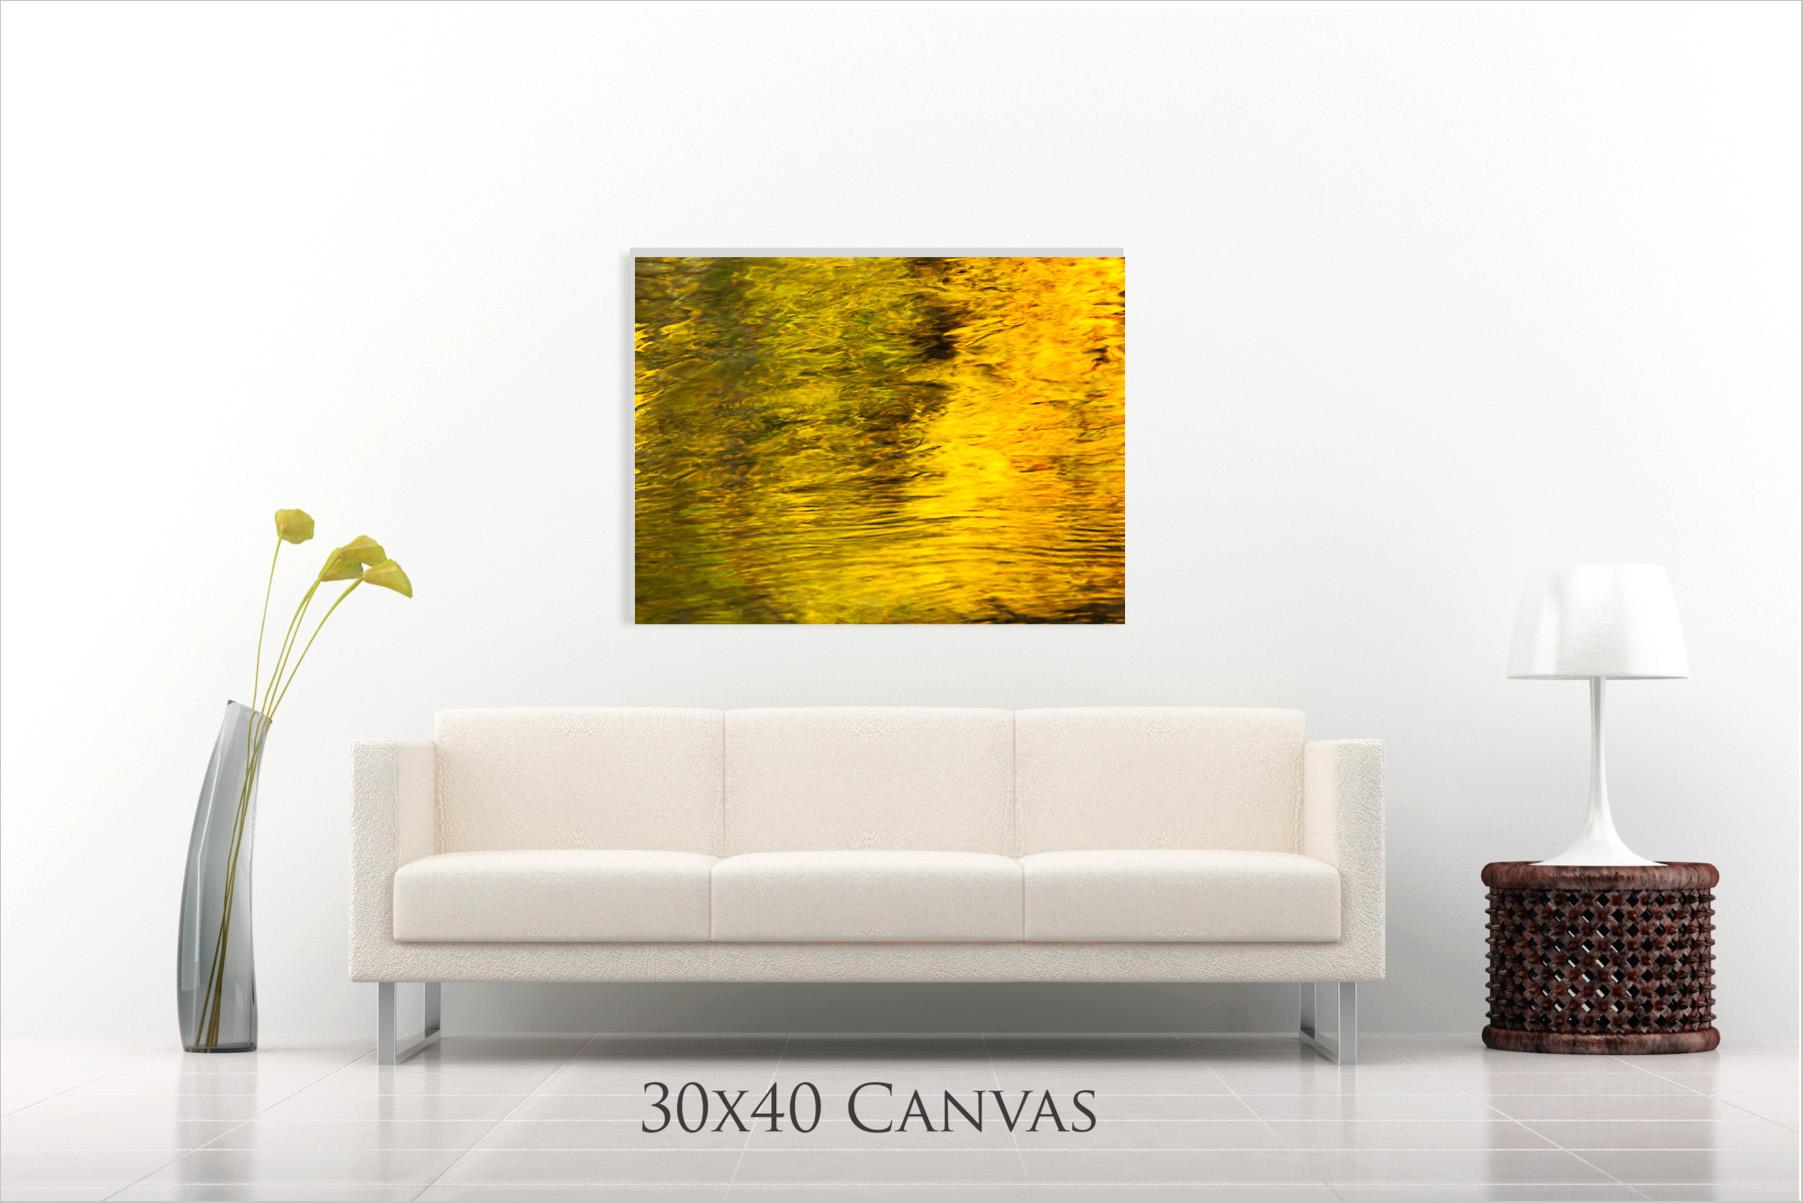 30x40 Landscape Preview.jpg